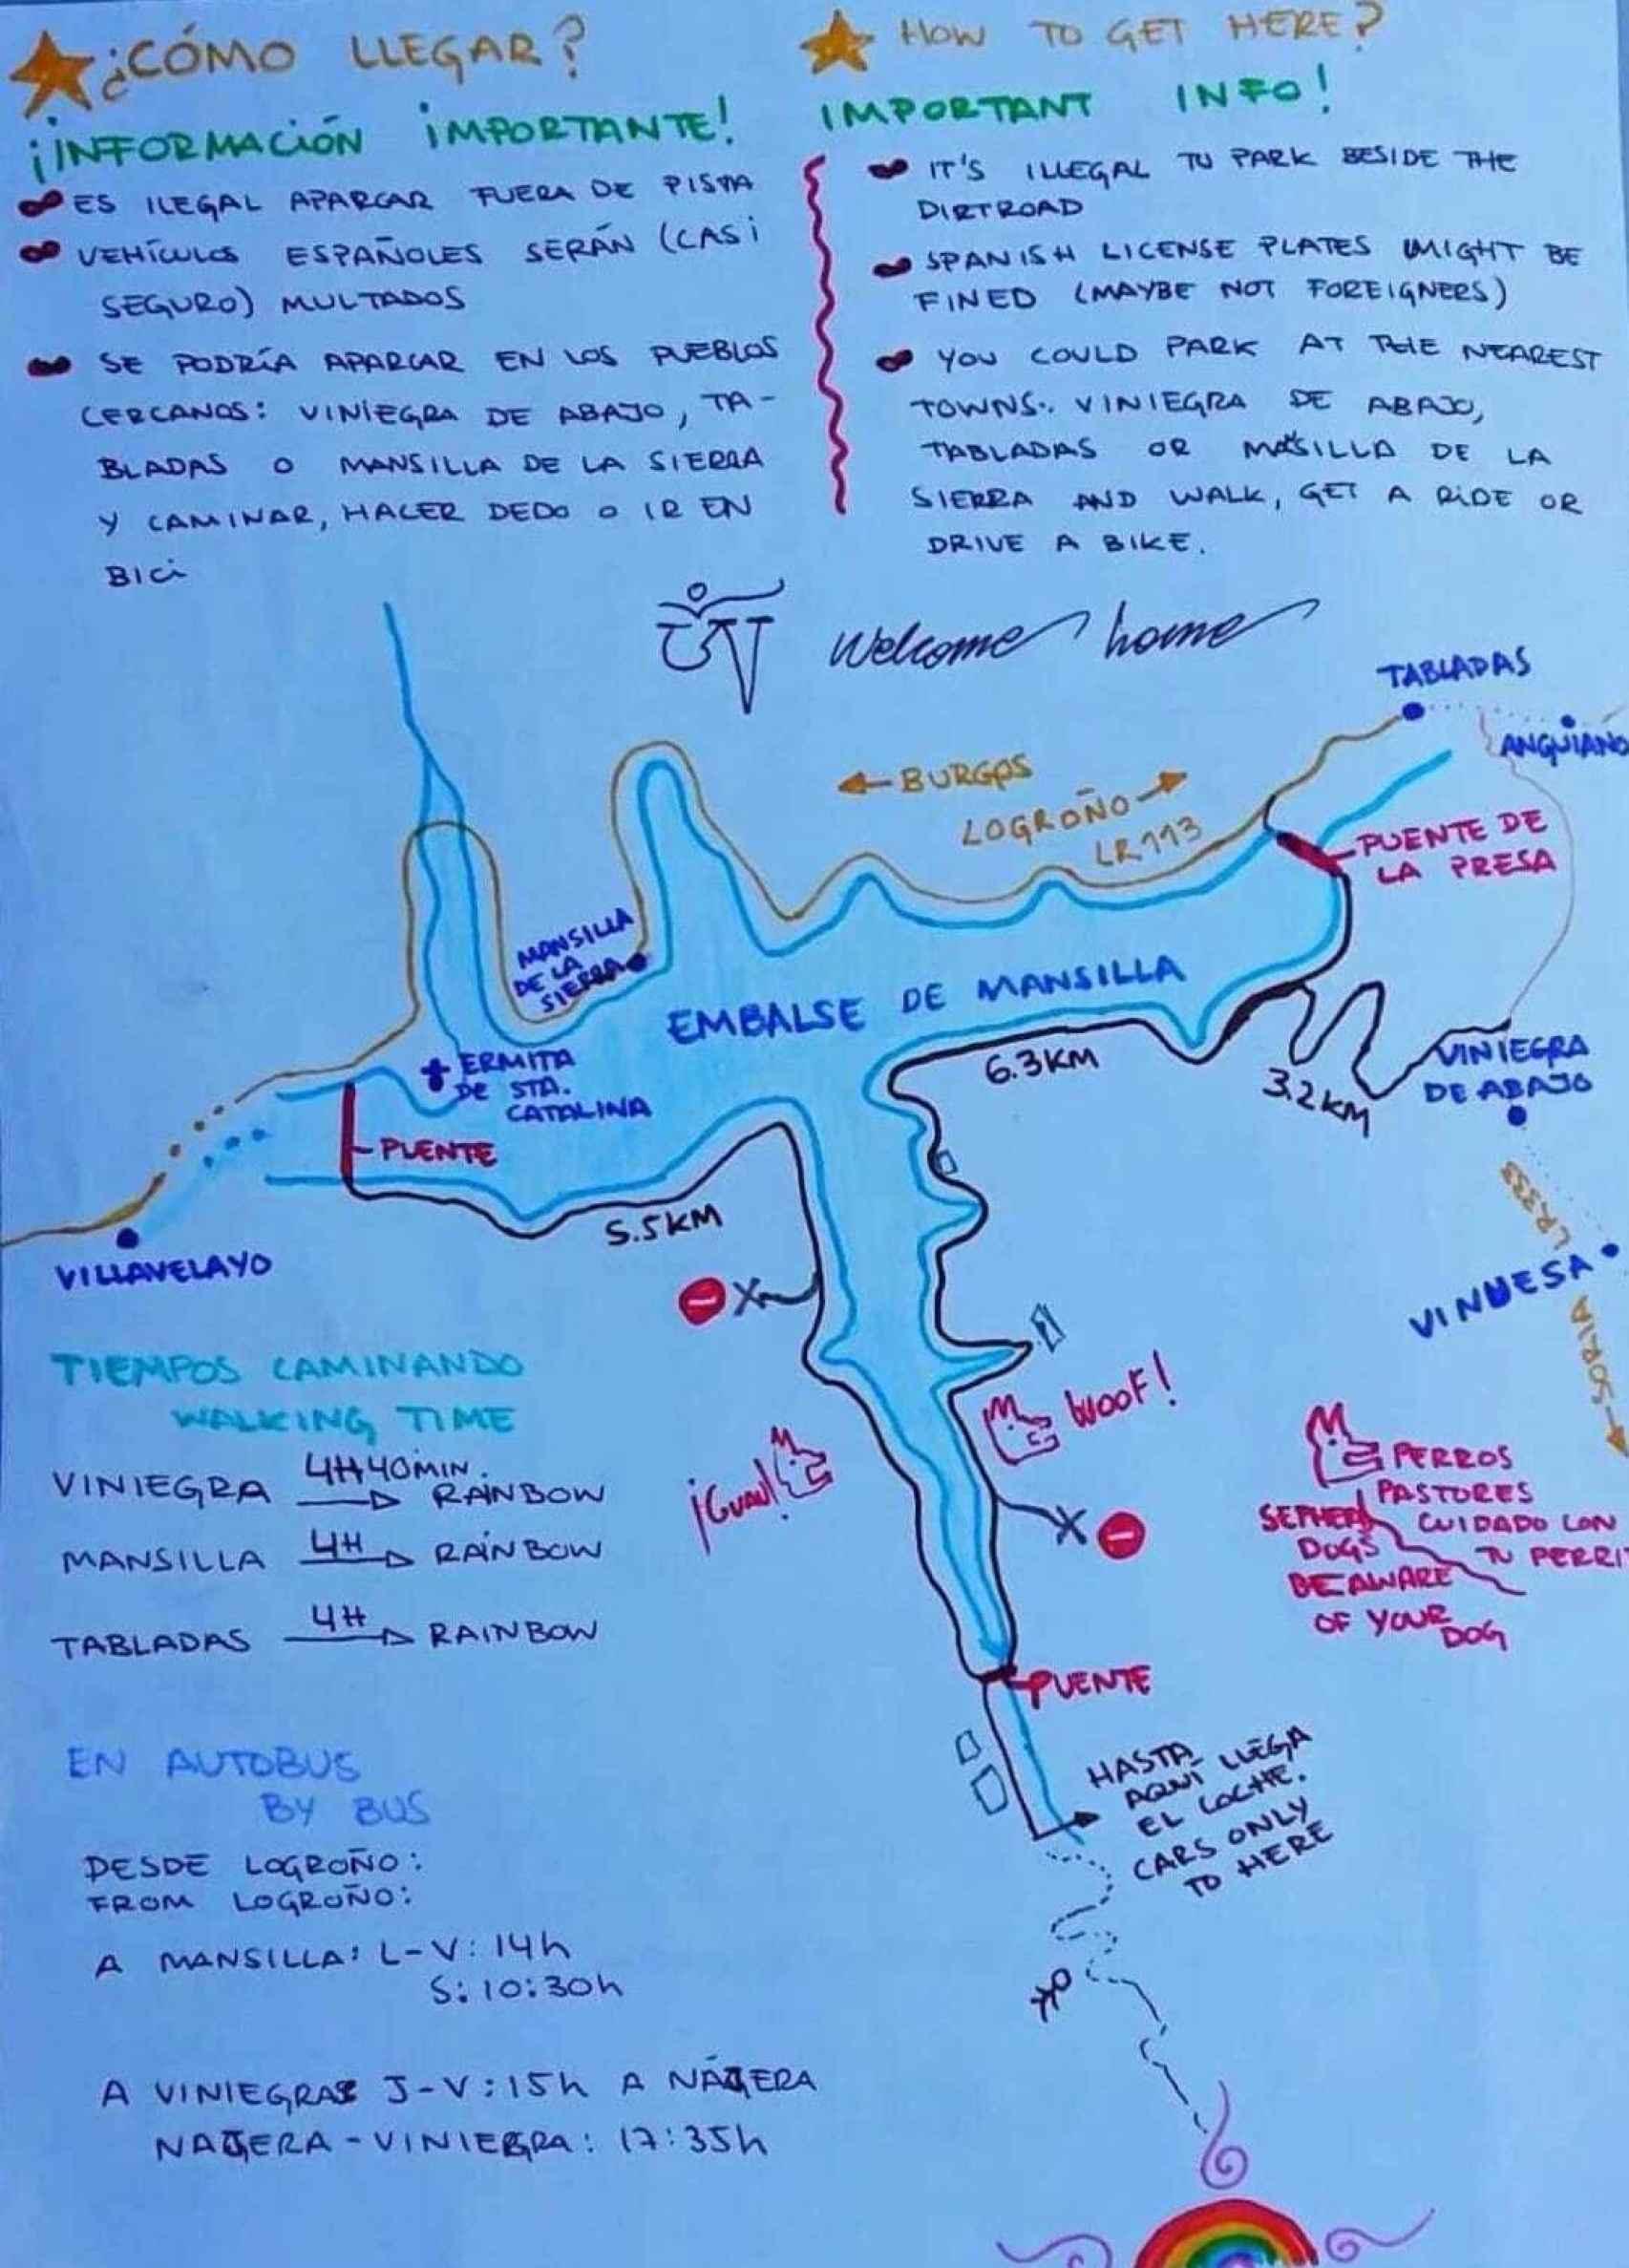 Mapa de la Familia Feliz para acceder al campamento.